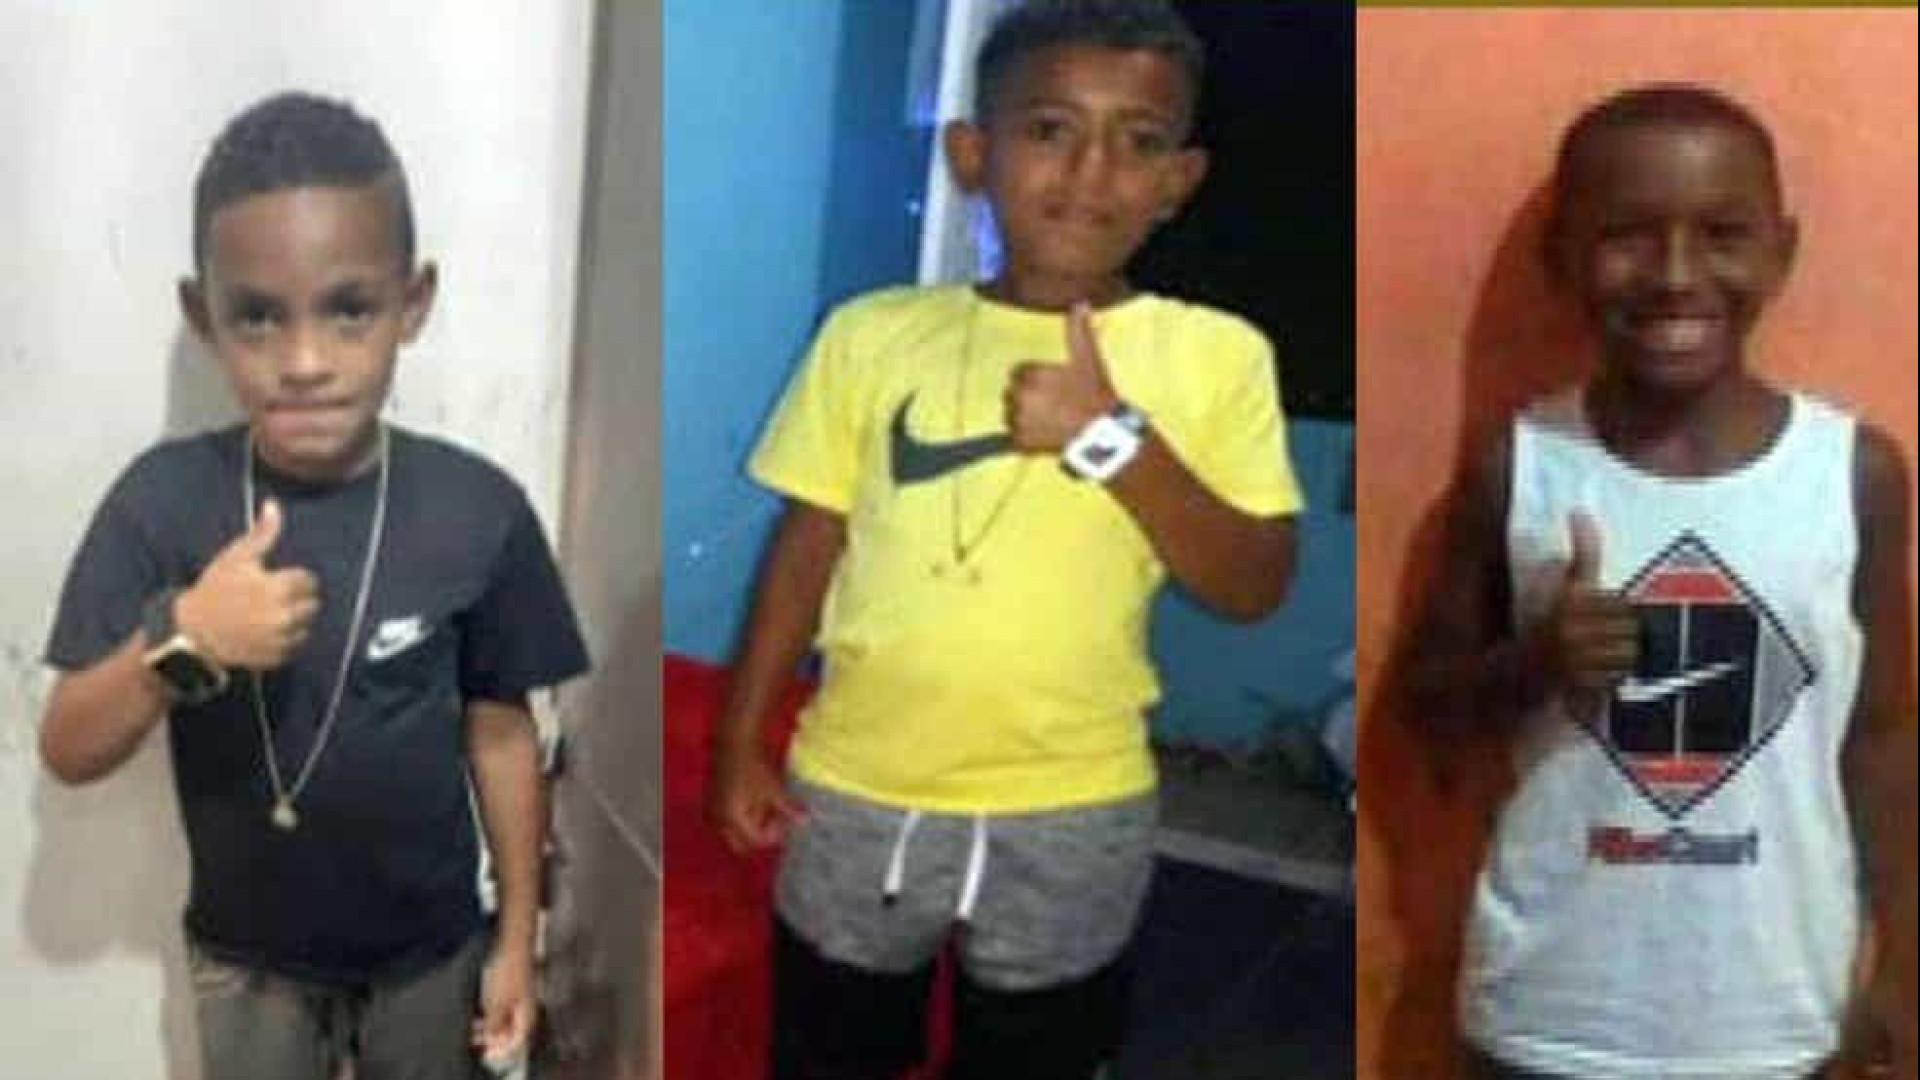 Traficantes mataram meninos desaparecidos há 9 meses em Belford Roxo, diz secretário